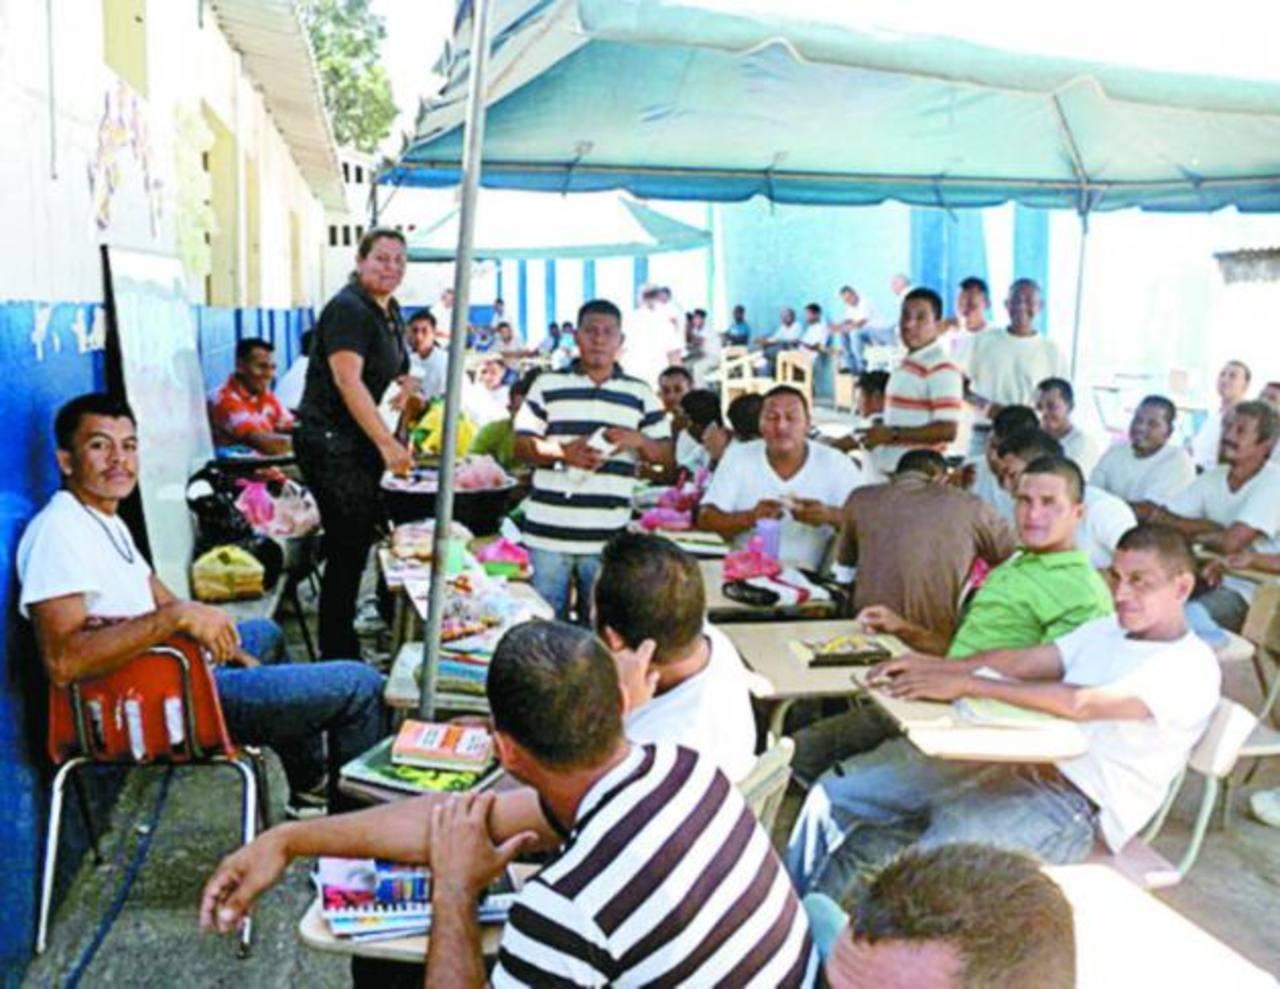 El número de internos matriculados en la escuela supera la cantidad límite de las instalaciones. Foto EDH / Milton jaco